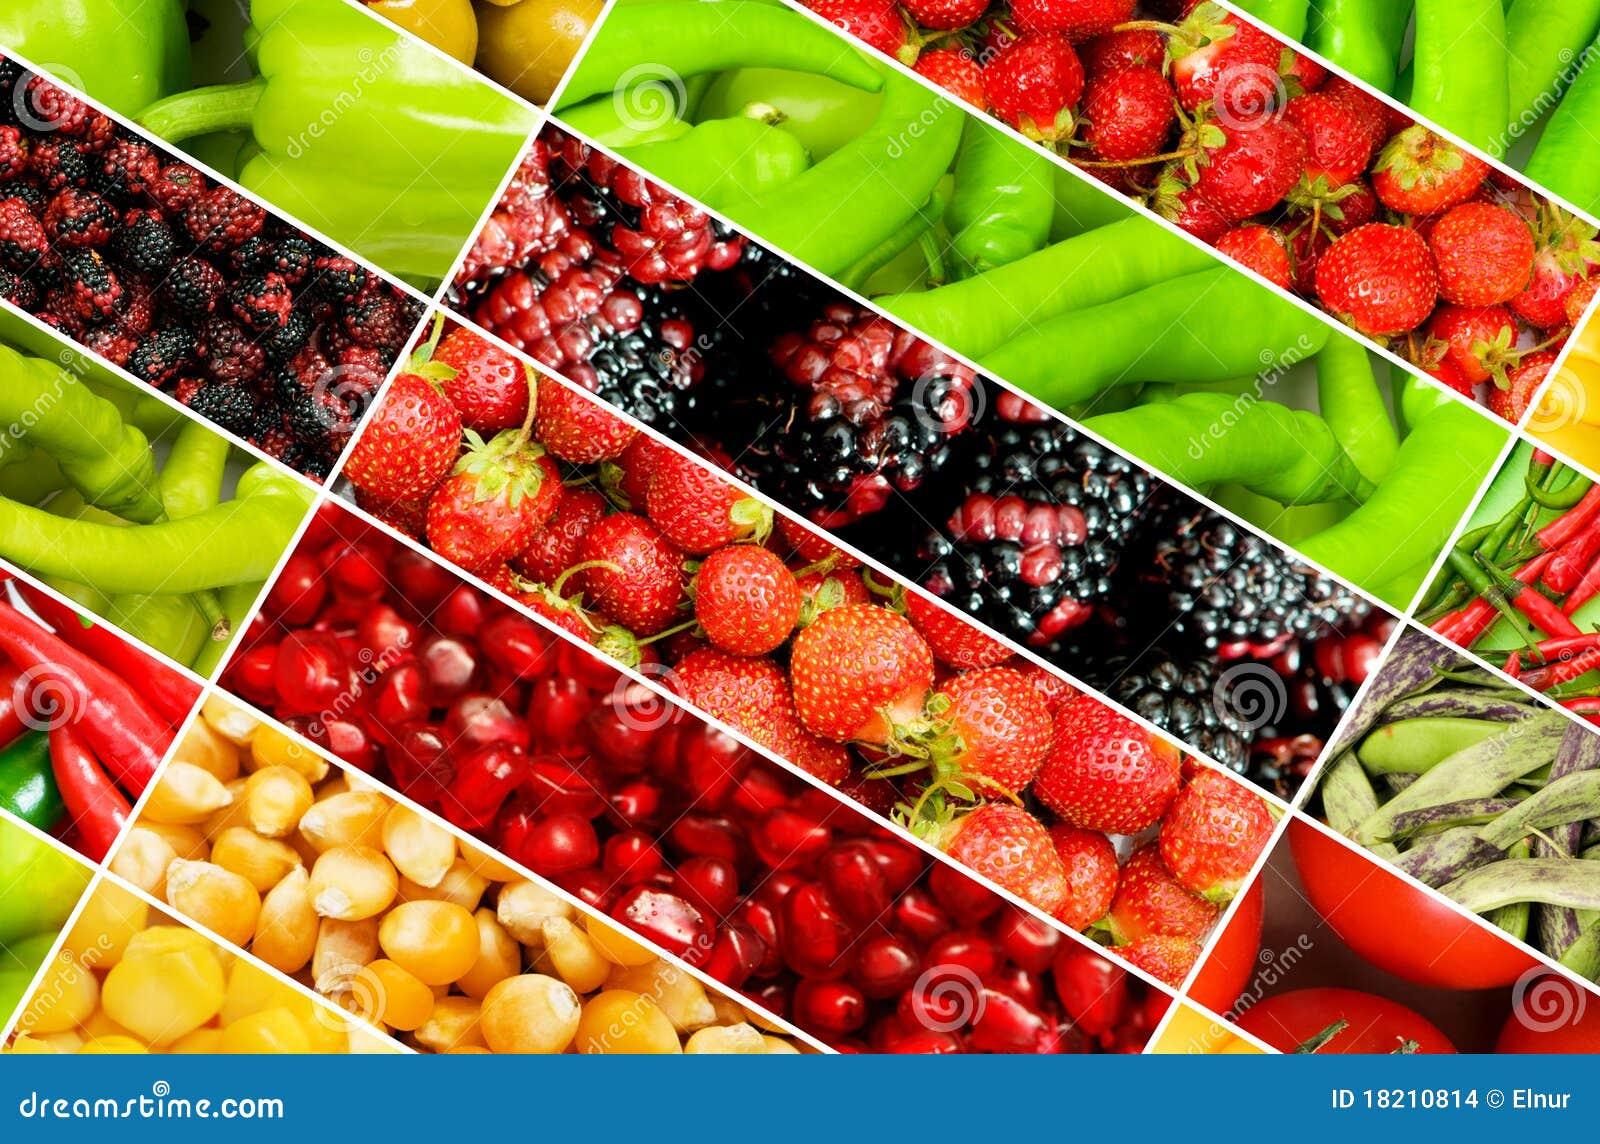 collage de muchas frutas y verdura imagenes de archivo